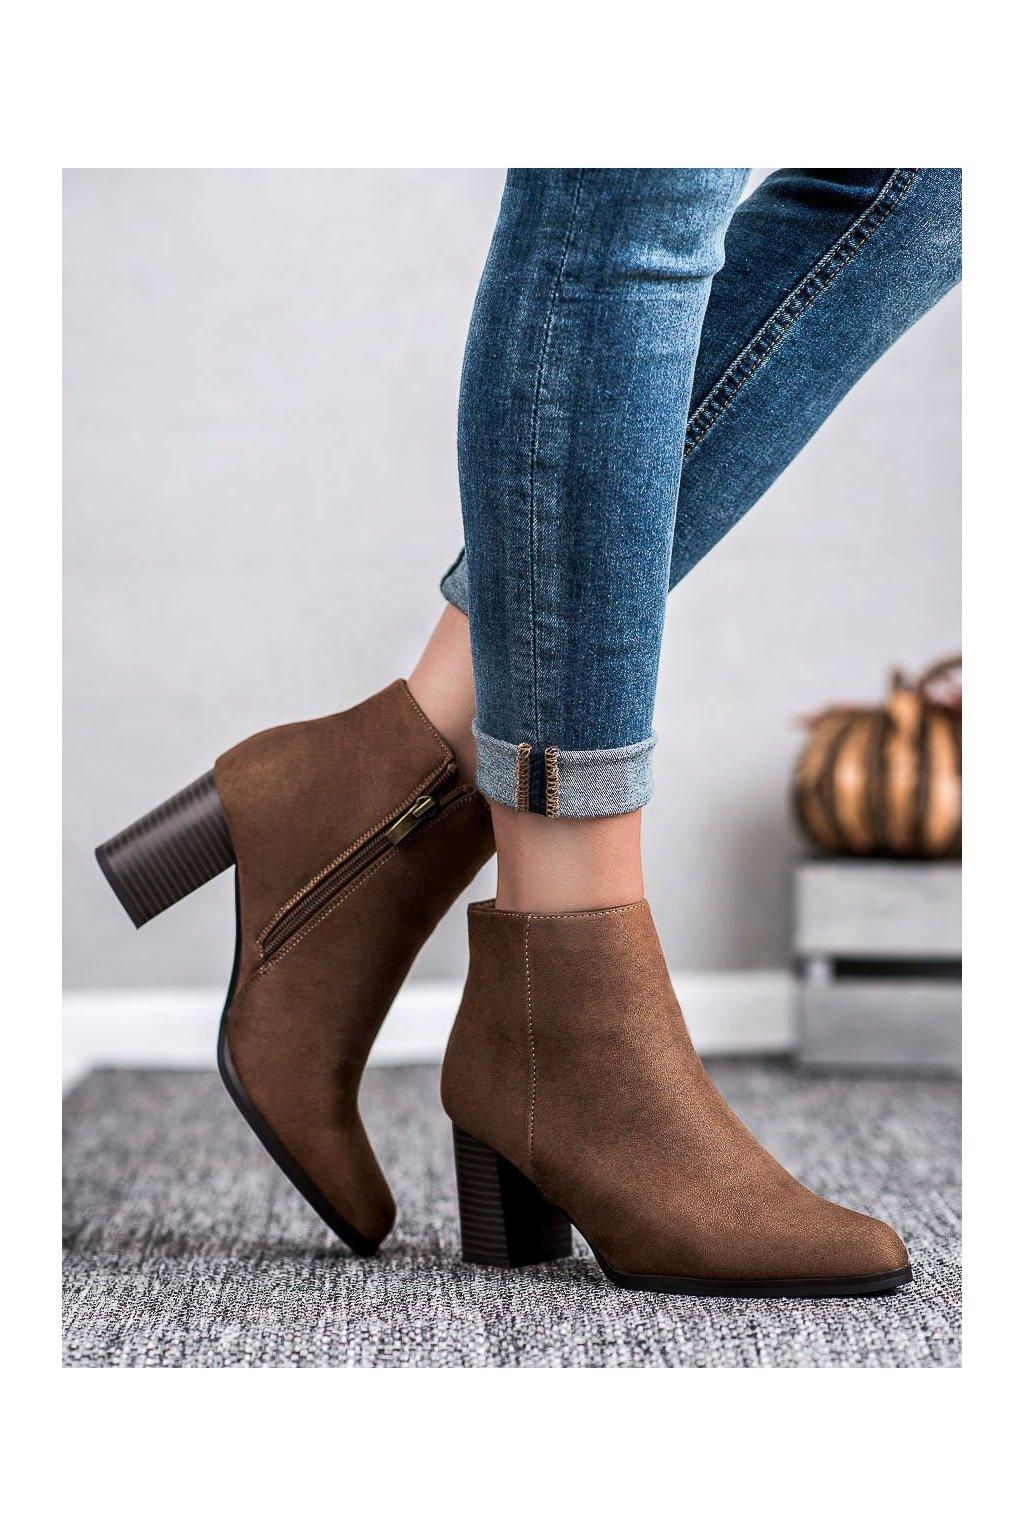 Hnedé dámske topánky Filippo kod DBT1022/19BR